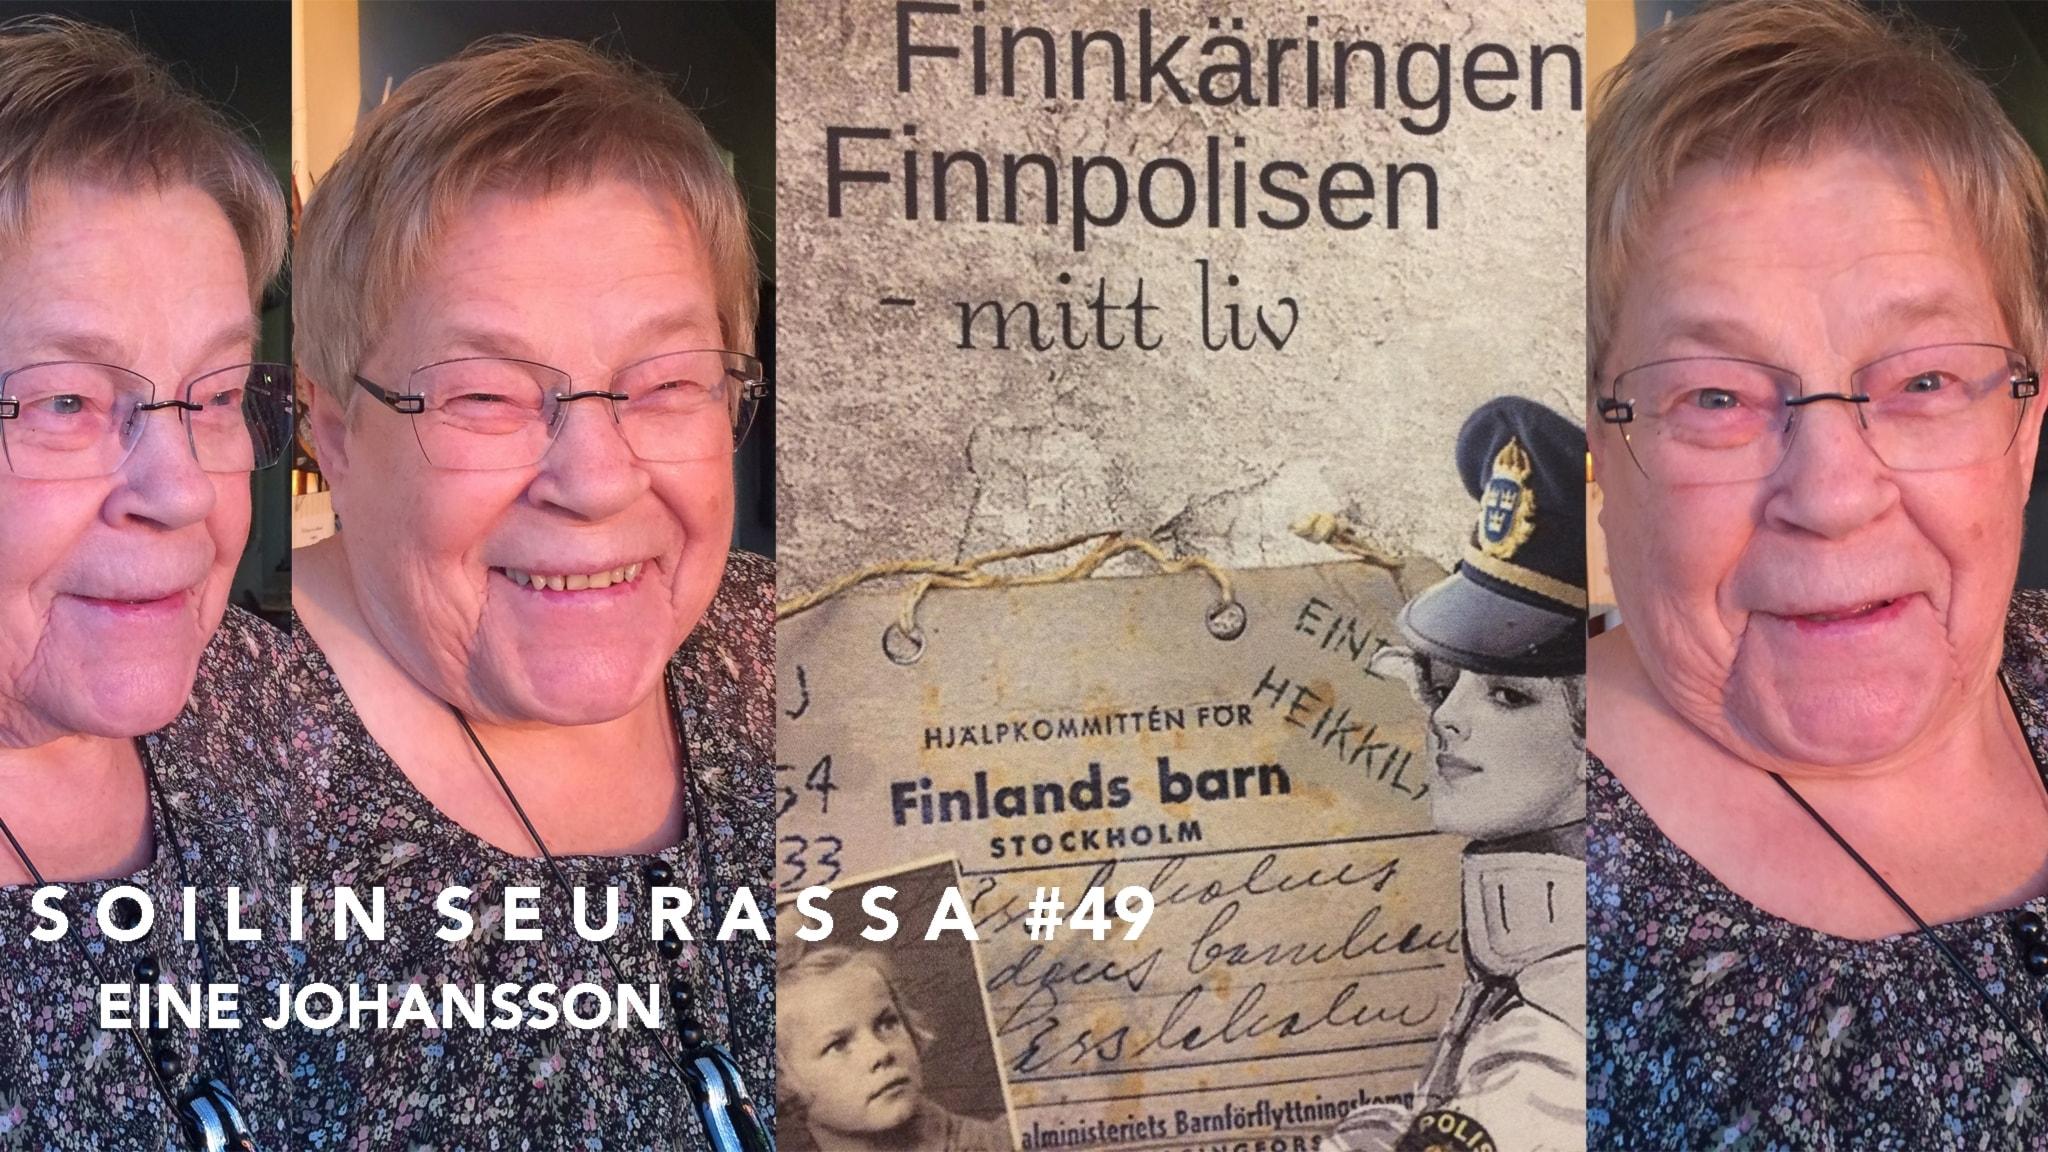 Soilin seurassa Norrbottenin ensimmäinen naispoliisi Eine Johansson